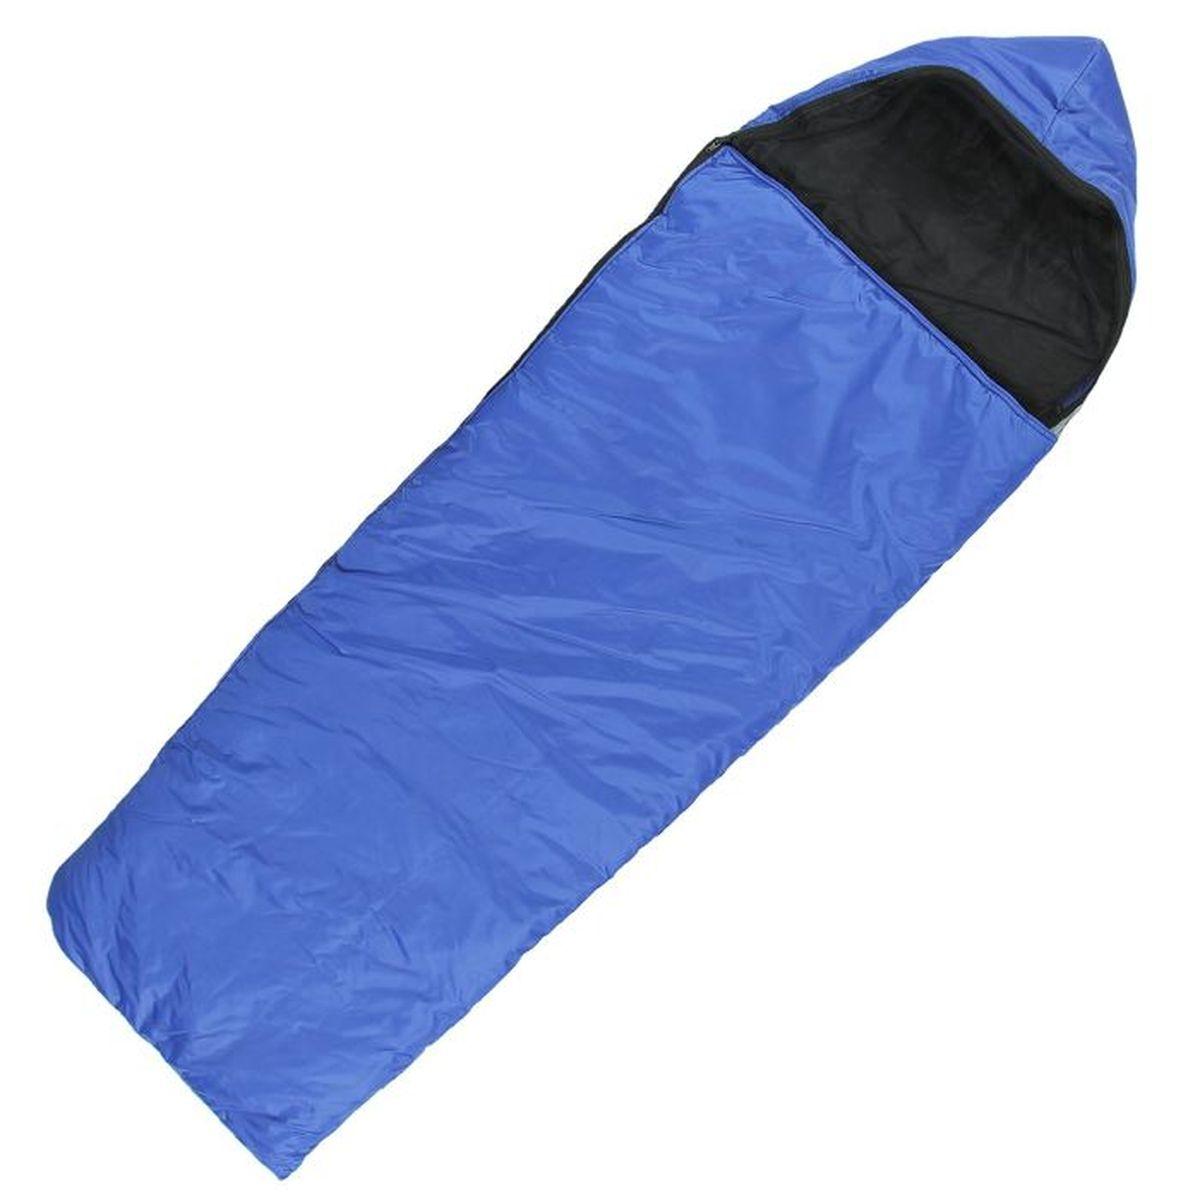 Спальный мешок Onlitop Люкс, цвет: синий, правосторонняя молния. 11359911135991Комфортный, просторный и очень теплый 3-х сезонный спальник Onlitop Люкс предназначен для походов и для отдыха на природе не только в летнее время, но и в прохладные дни весенне-осеннего периода. В теплое время спальный мешок можно использовать как одеяло (в том числе и дома).Он выполнен из качественных материалов - оксфорда, синтепона, хлопка и полиэстера (из которого выполнены подкладка и наружный слой), которые обладают хорошими теплоизоляционными характеристиками, но и очень прочны, что сделало спальный мешок весьма долговечным. Длина мешка - 225 см, его ширина - 70 см, что обусловлено его узкой формой. Правосторонняя молния удобна для использования - она быстро застегивается и расстегивается, минимизируя потерю тепла. Этому спальнику всегда найдется применение среди любителей активного отдыха, а места в сложенном виде в чехле он занимает мало. Спальник обладает маленьким весом, всего 1980 г, это упрощает его транспортировку в походе.